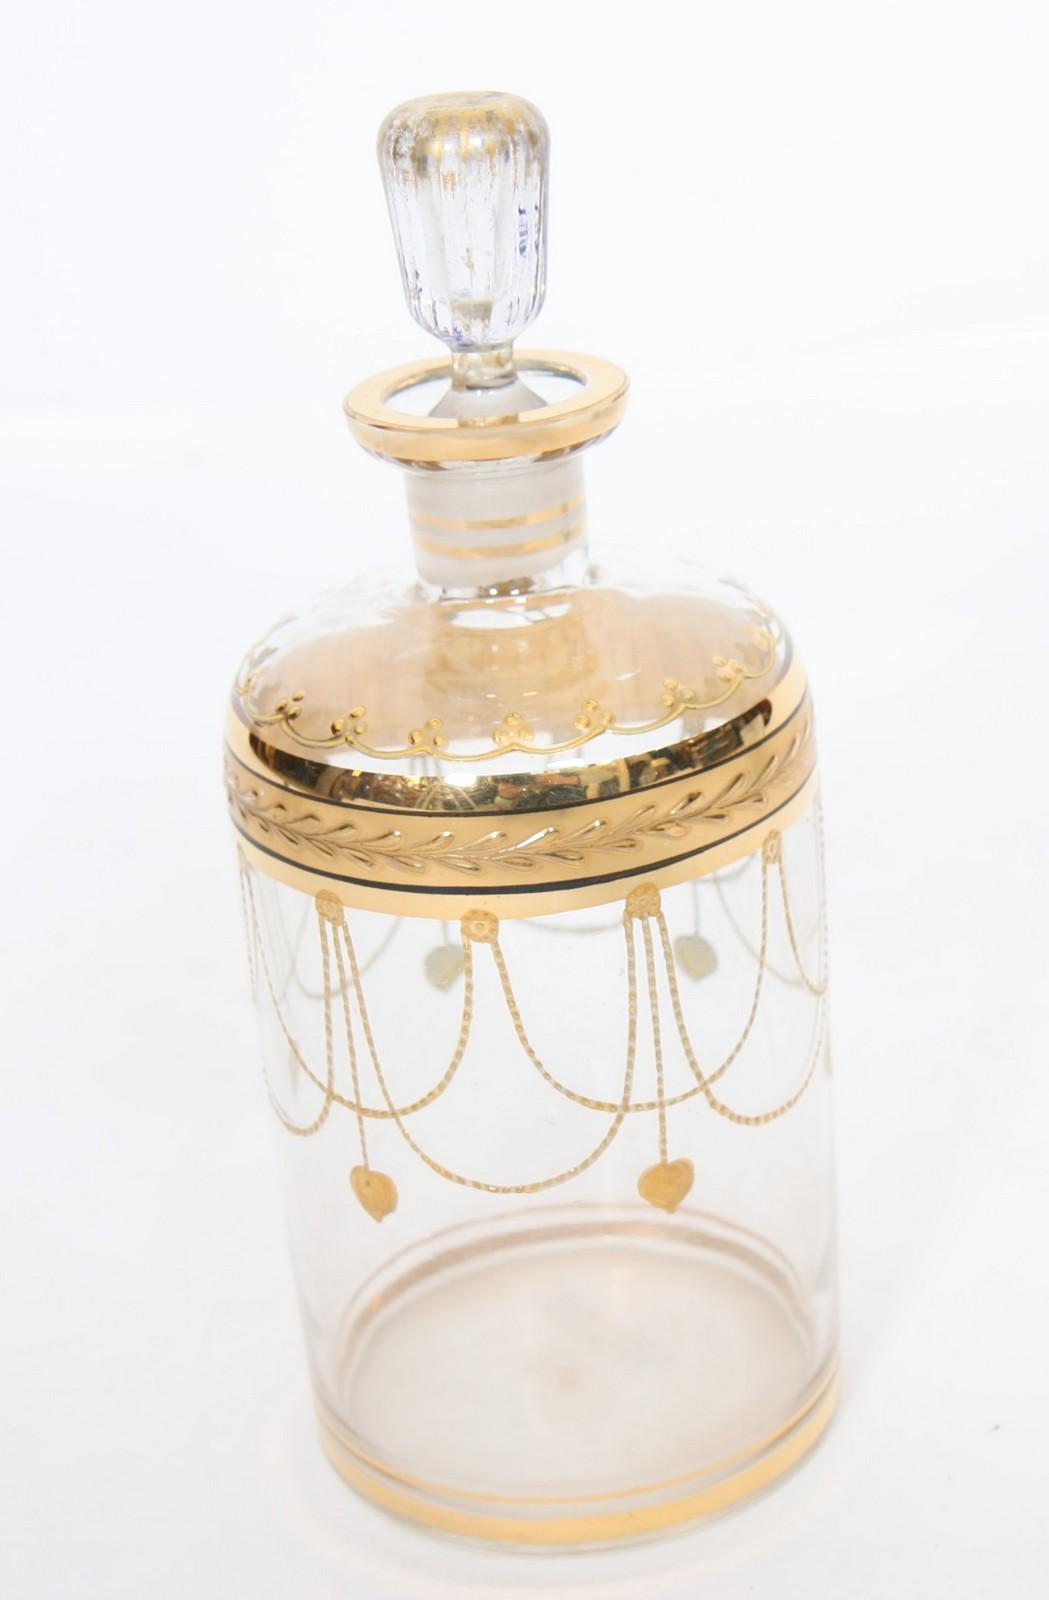 CARAFON En verre, à décor en relief doré. Epoque Début XXème siècle. H : 25 cm